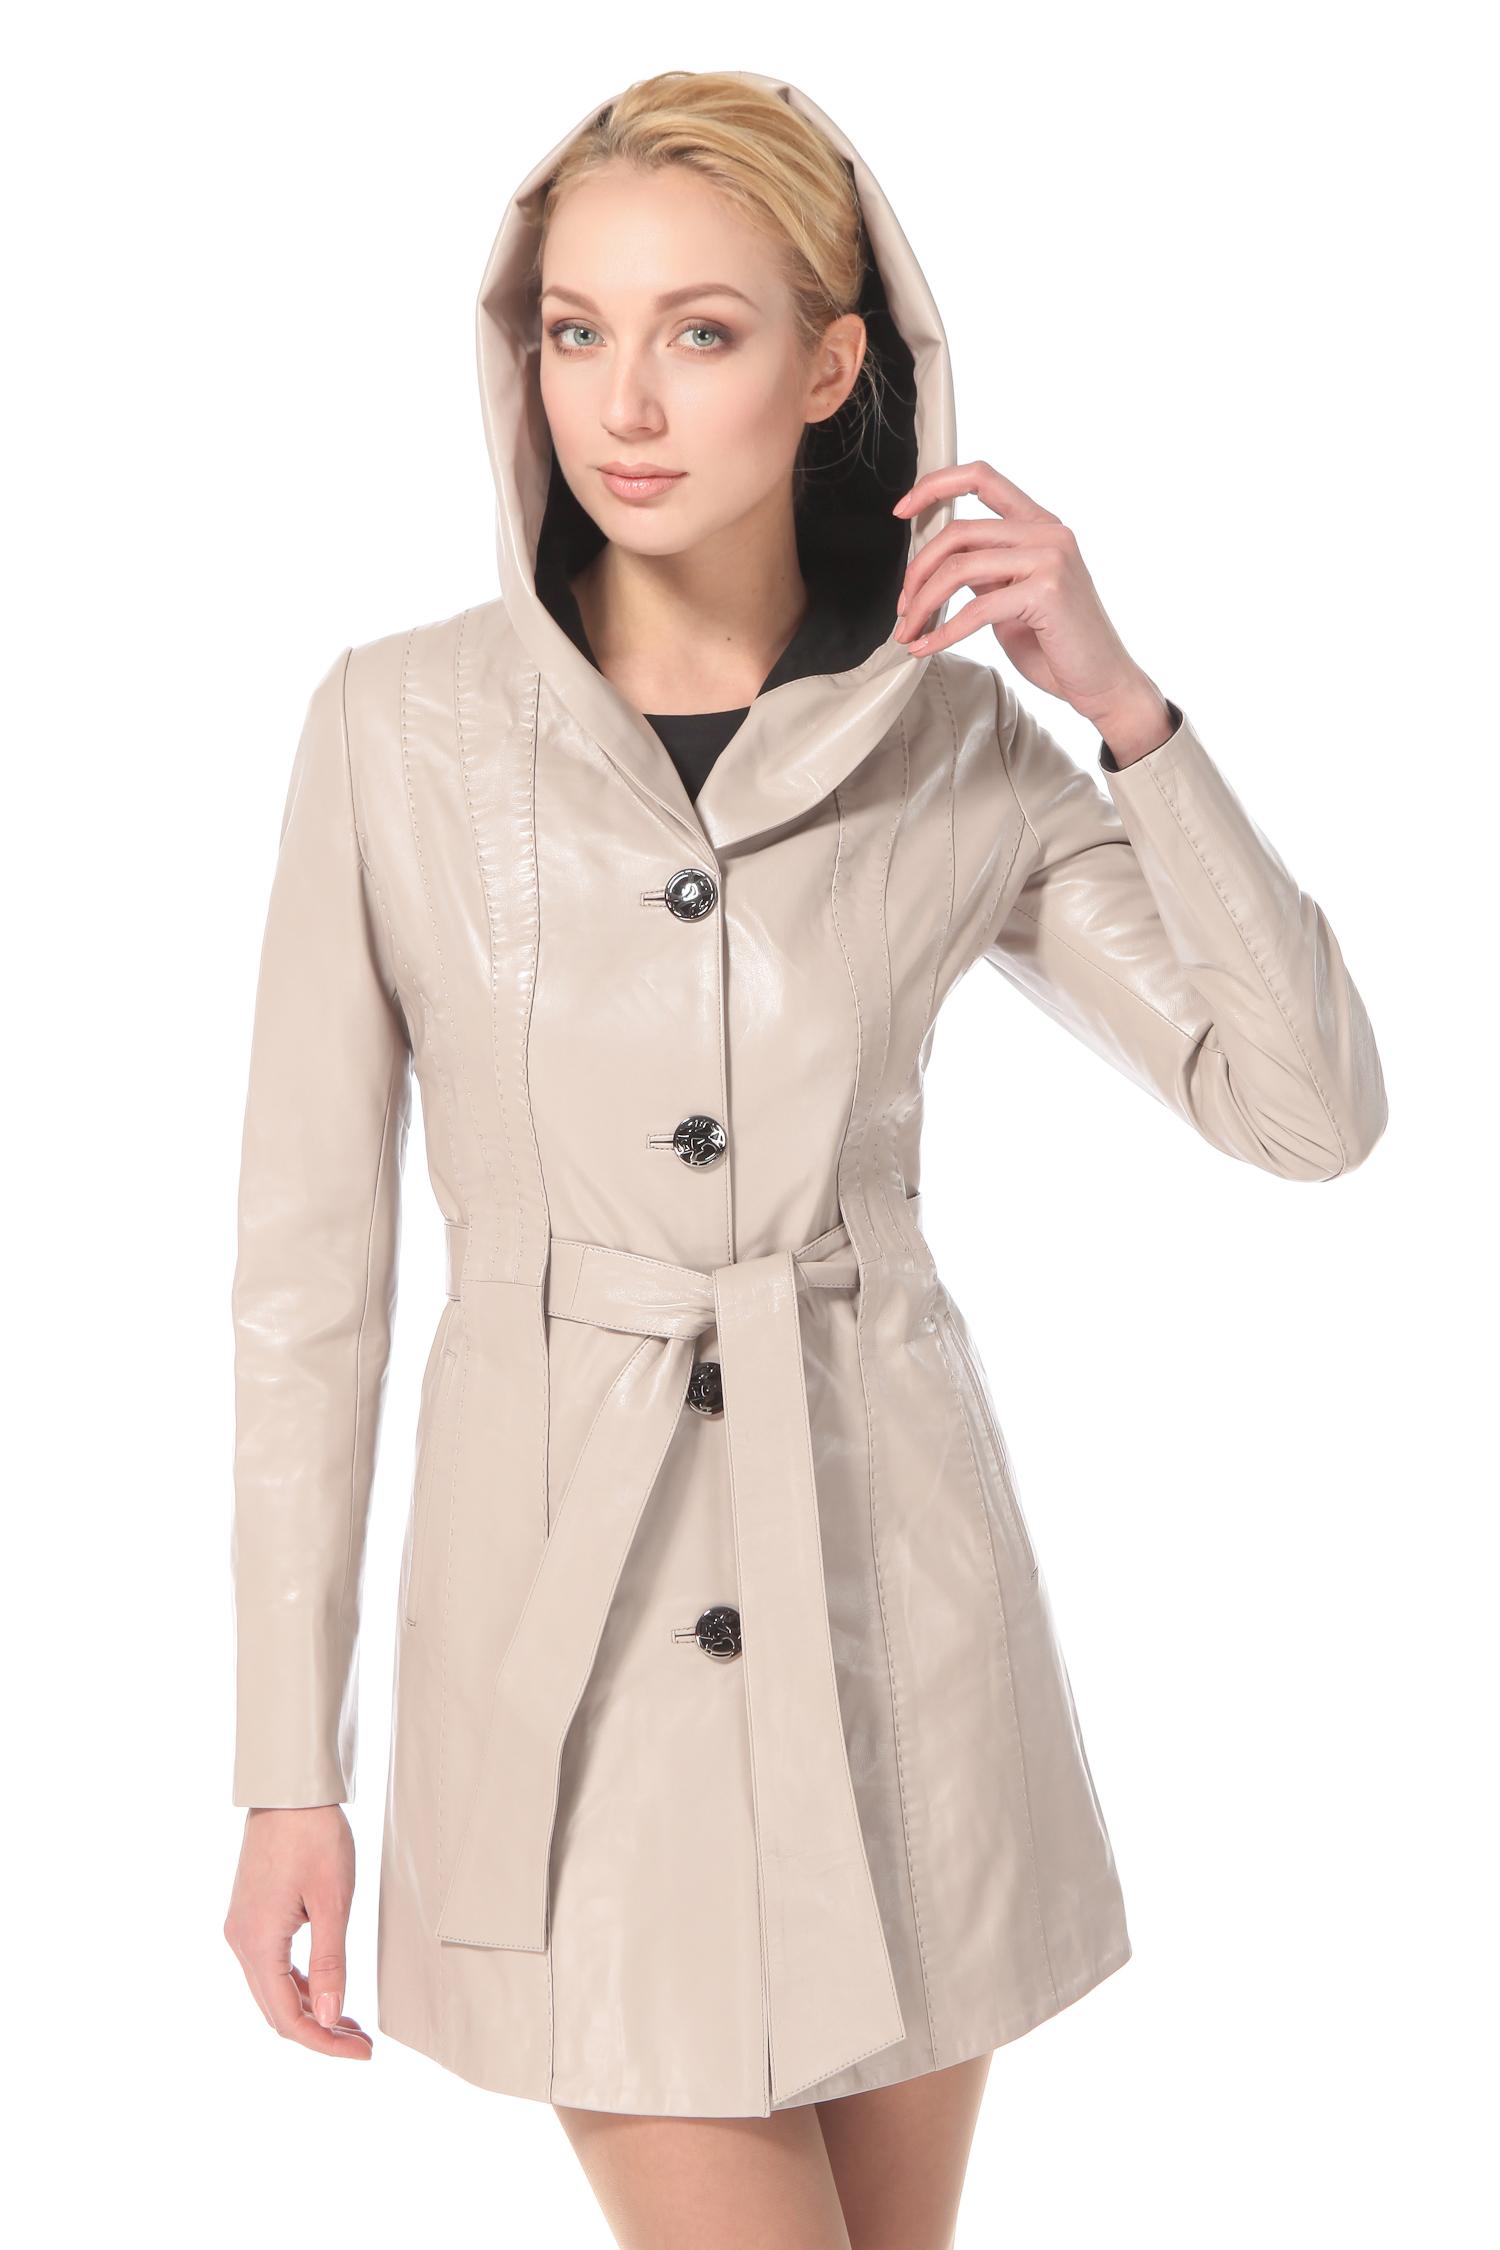 Женское кожаное пальто из натуральной кожи с капюшоном, без отделки<br><br>Воротник: капюшон<br>Длина см: Длинная (свыше 90)<br>Материал: Кожа овчина<br>Цвет: бежевый<br>Пол: Женский<br>Размер RU: 44